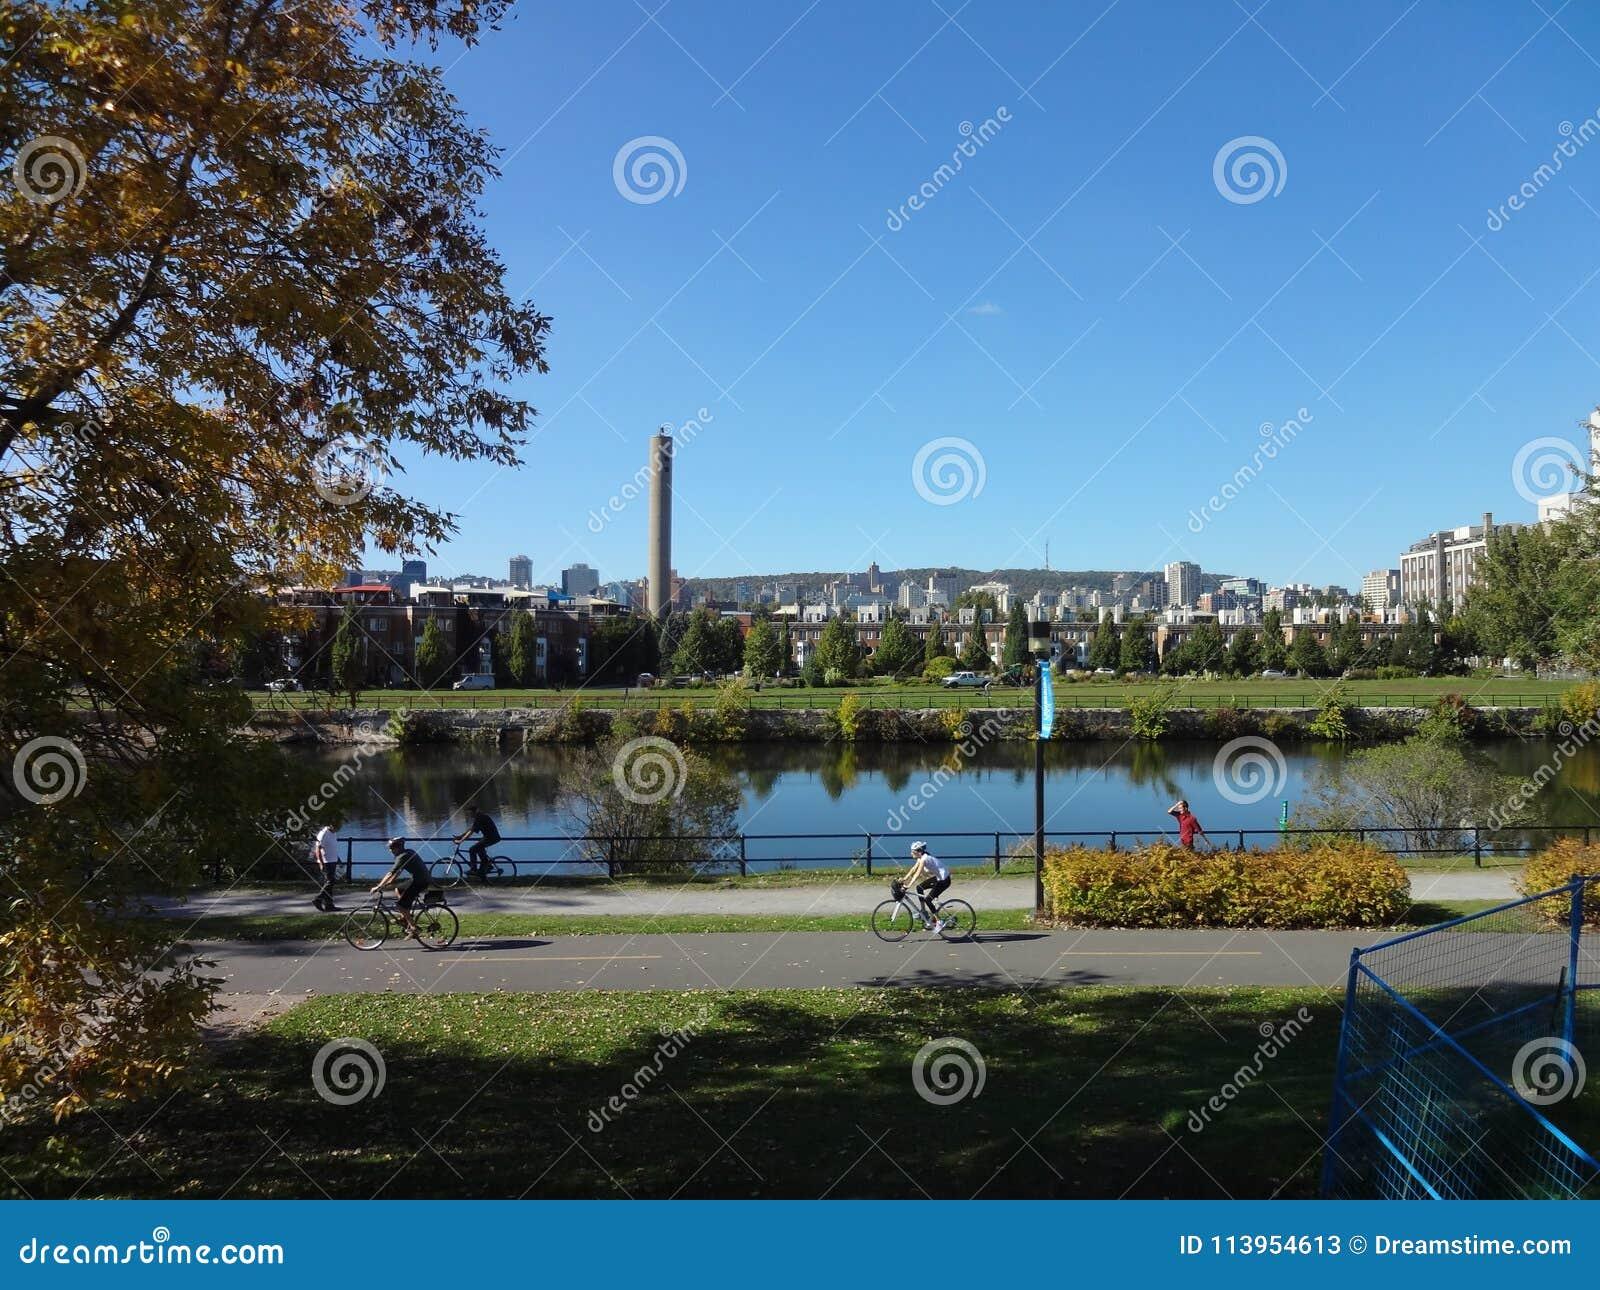 Ciudad de Montreal Canadá. City of Montreal Canada.